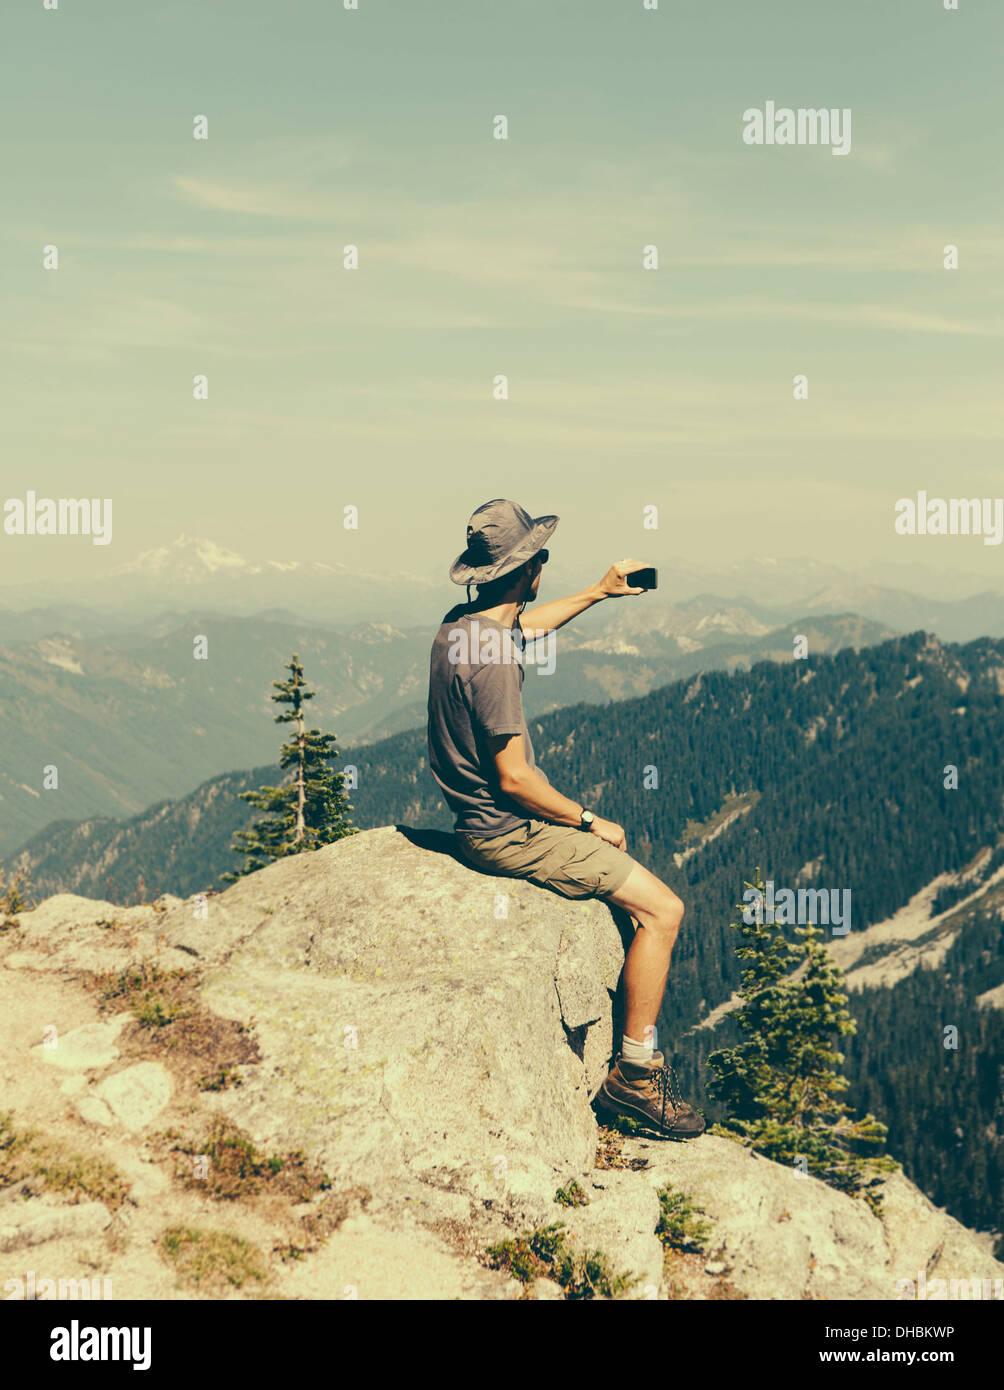 Un excursionista en la celebración de la cumbre de montaña en la parte superior del teléfono inteligente sorpresa Mountain en lagos alpinos desierto en Monte Baker-Snoqualmie Imagen De Stock